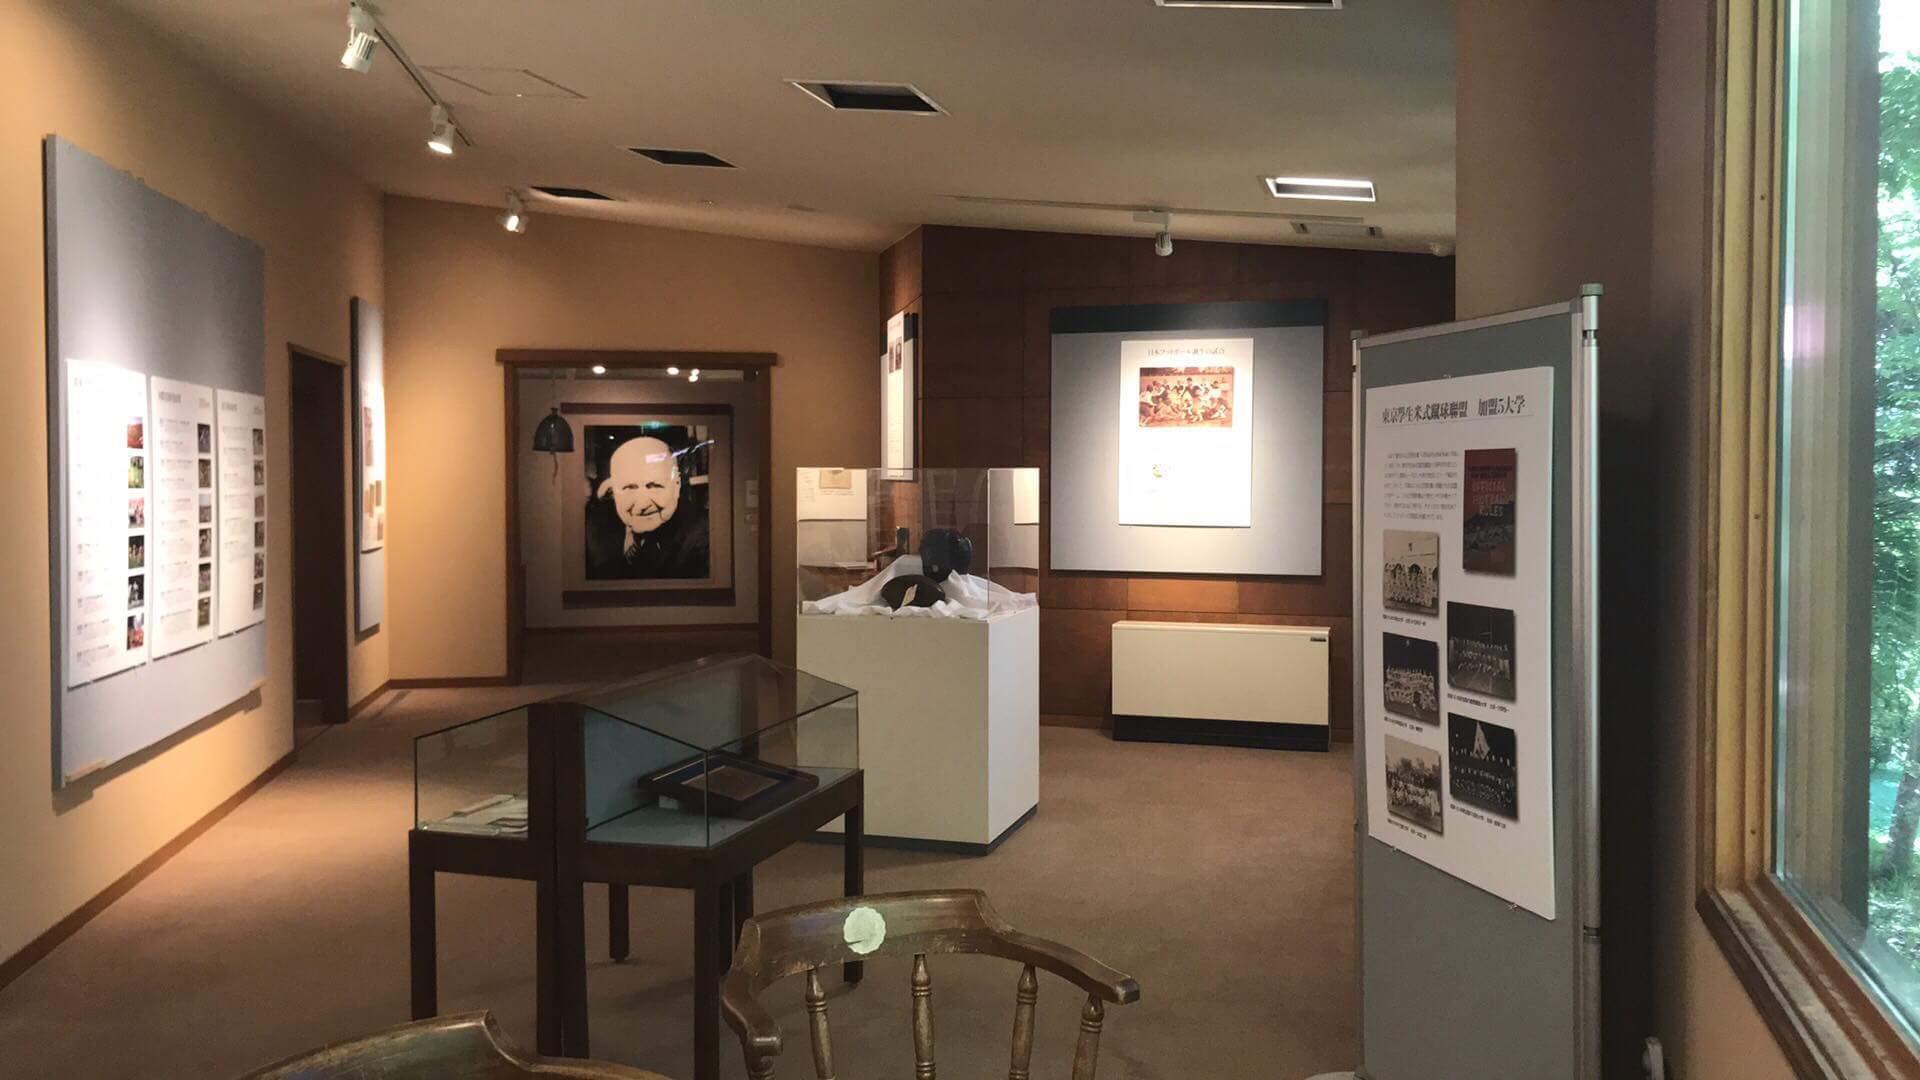 展示会では日本のアメリカンフットボールの様々な歴史を見ることができる=写真提供=ポール・ラッシュ記念館